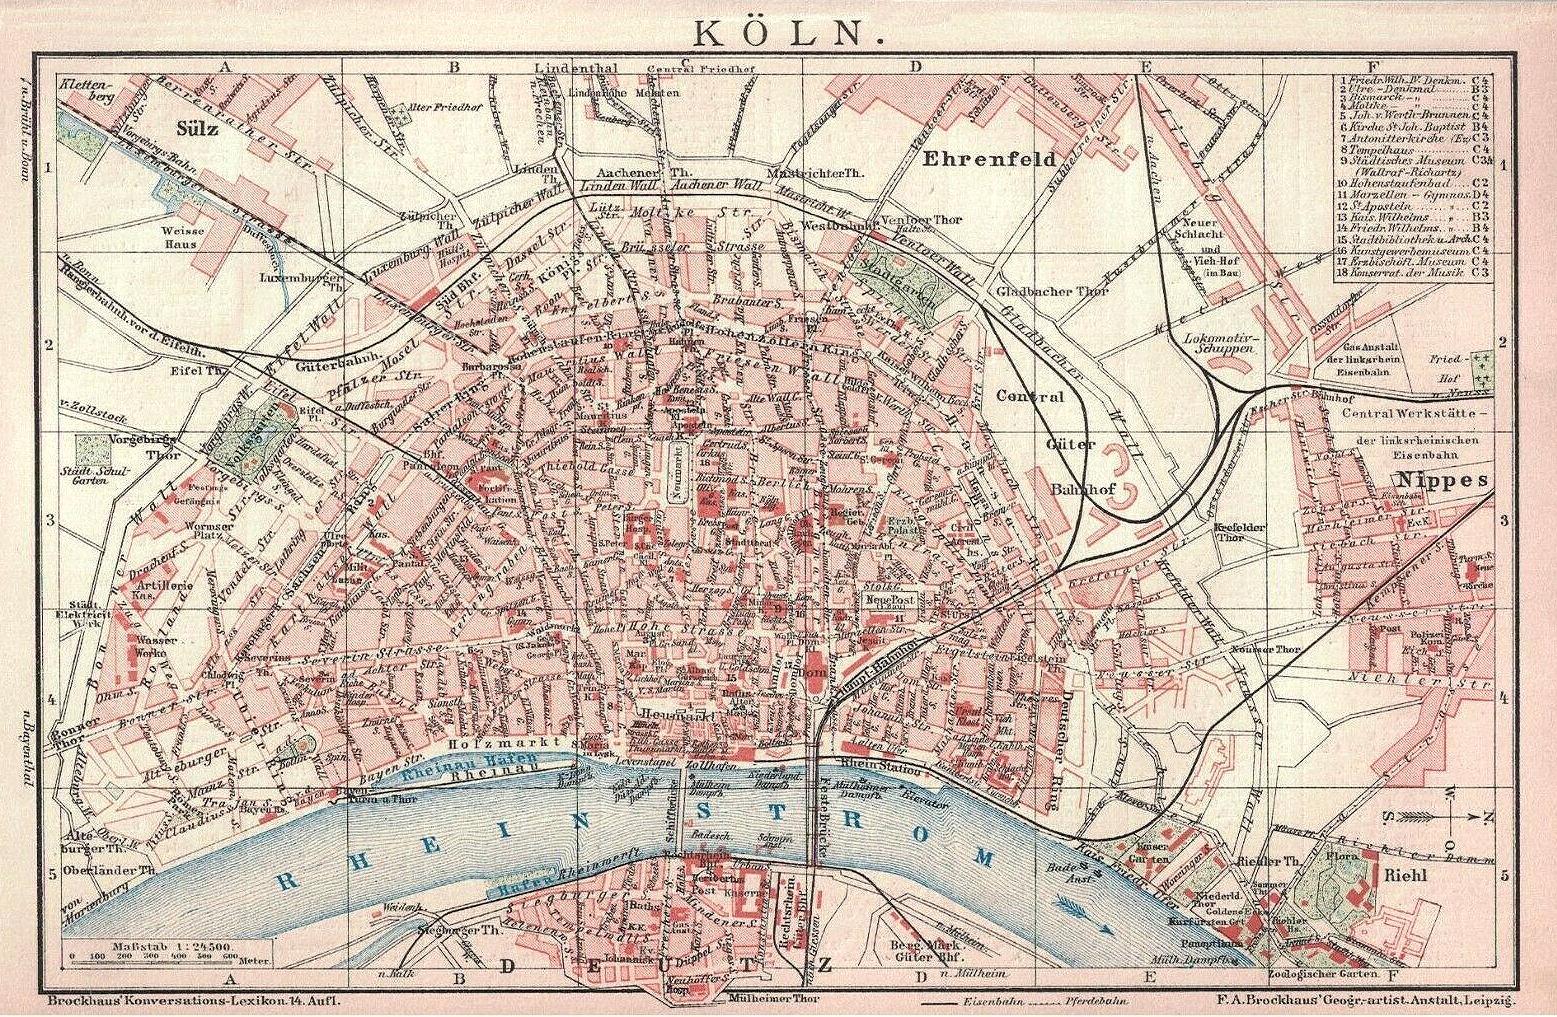 Köln Stadtplan 1905 (Brockhaus Konversations-Lexikon 14. Auflage)